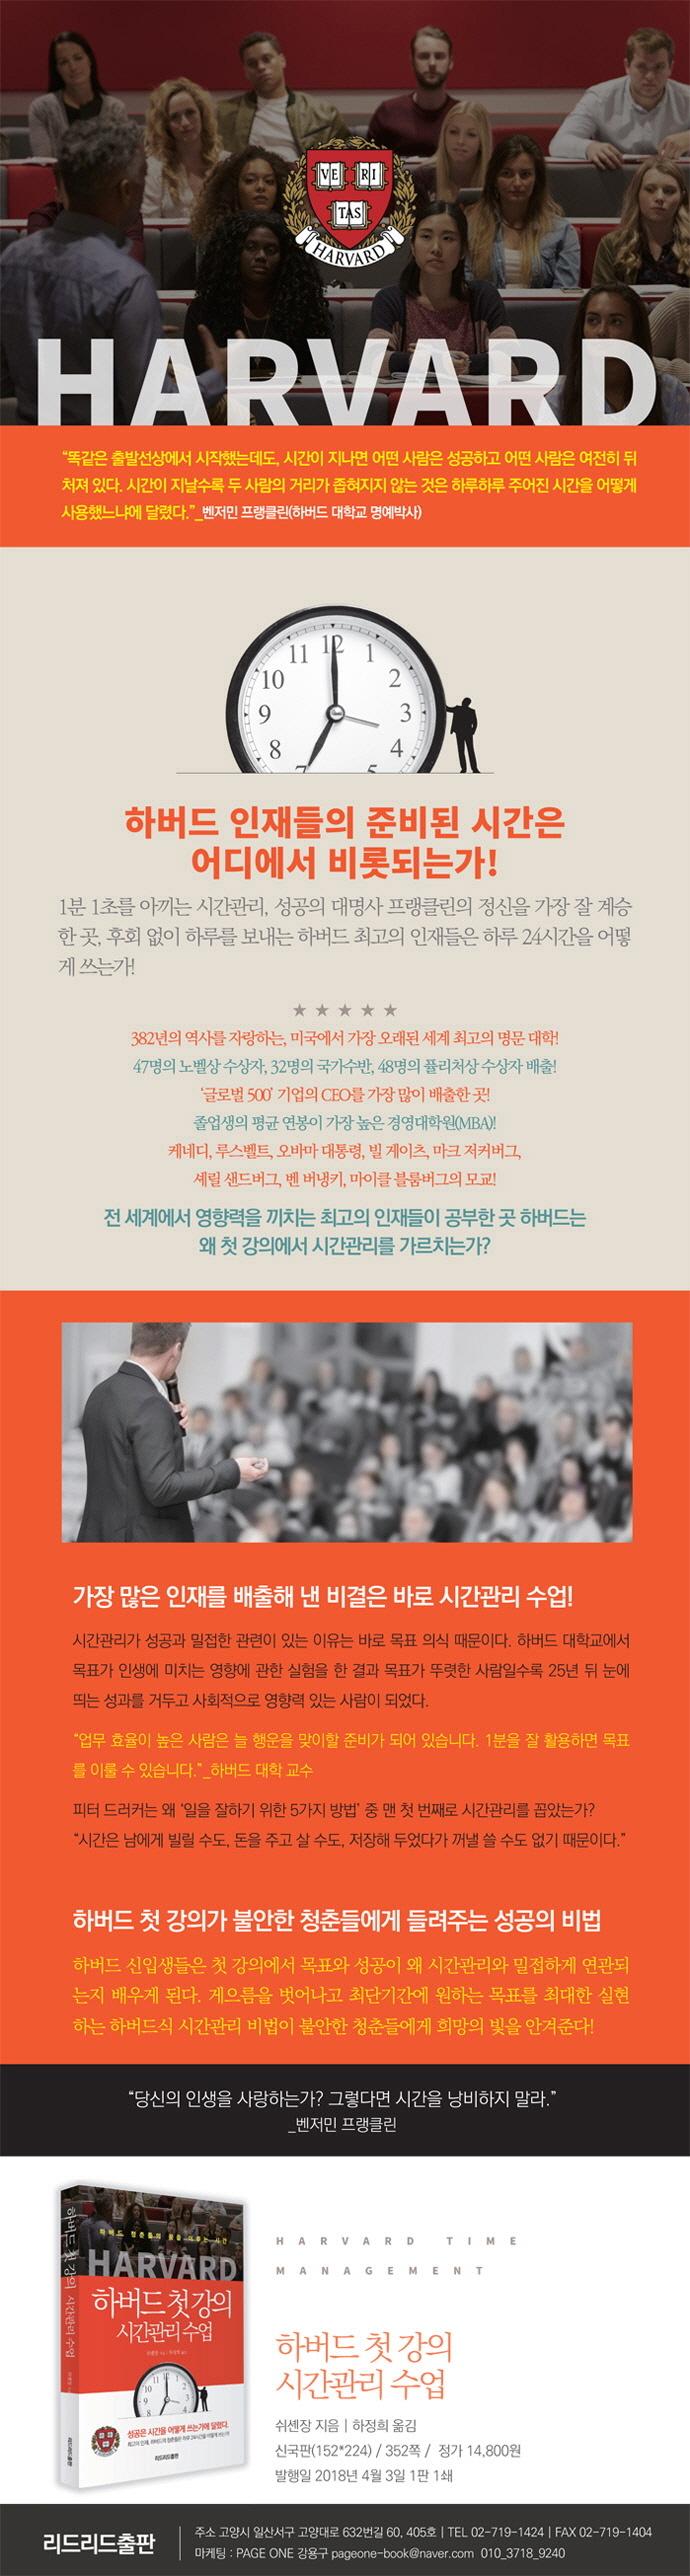 하버드 첫 강의 시간관리 수업 도서 상세이미지